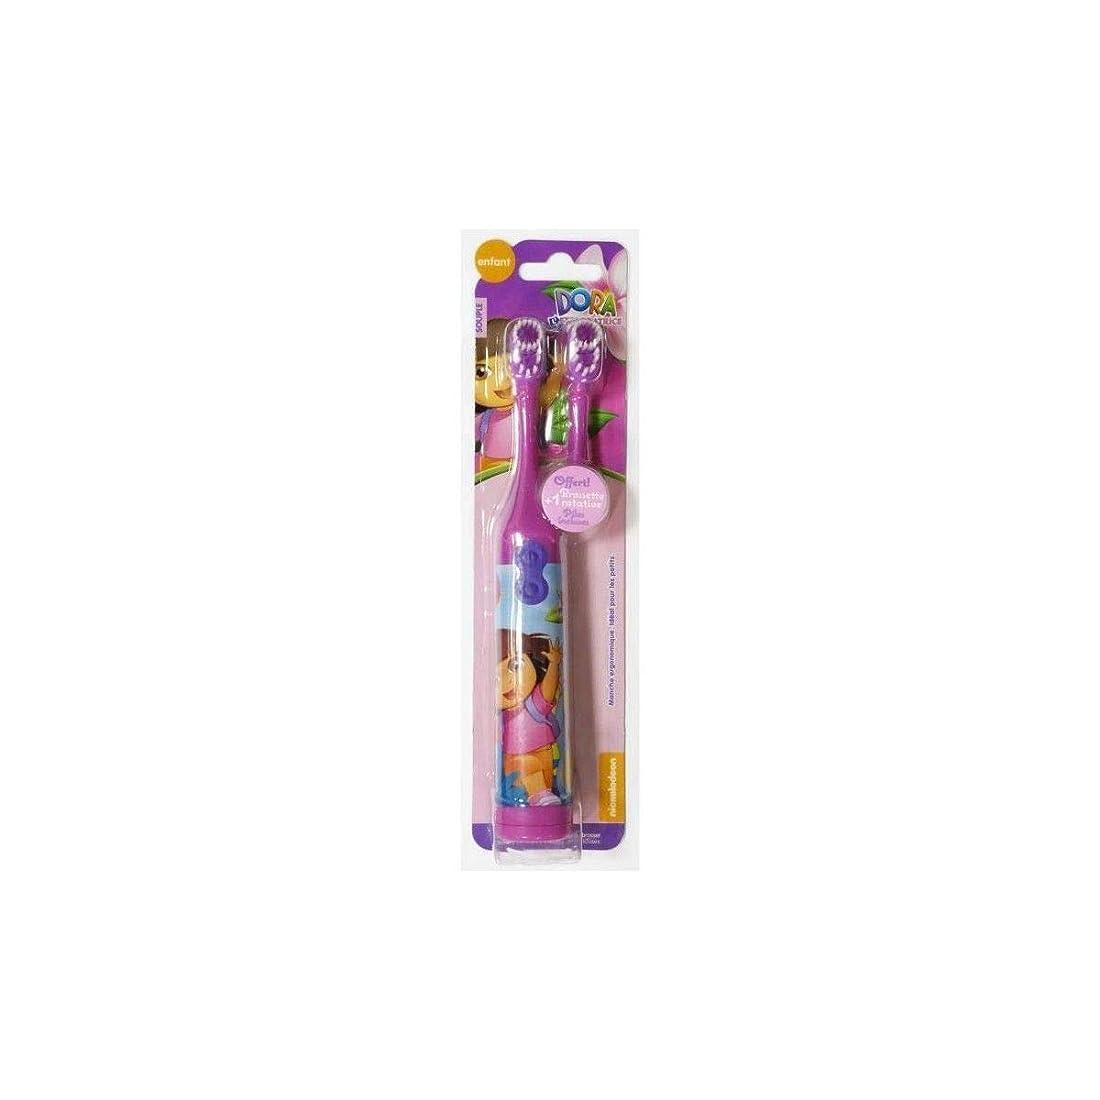 半導体おとなしいエンドウドーラ子供用電動歯ブラシ(DORA Electric spin Toothbrush for Kids)